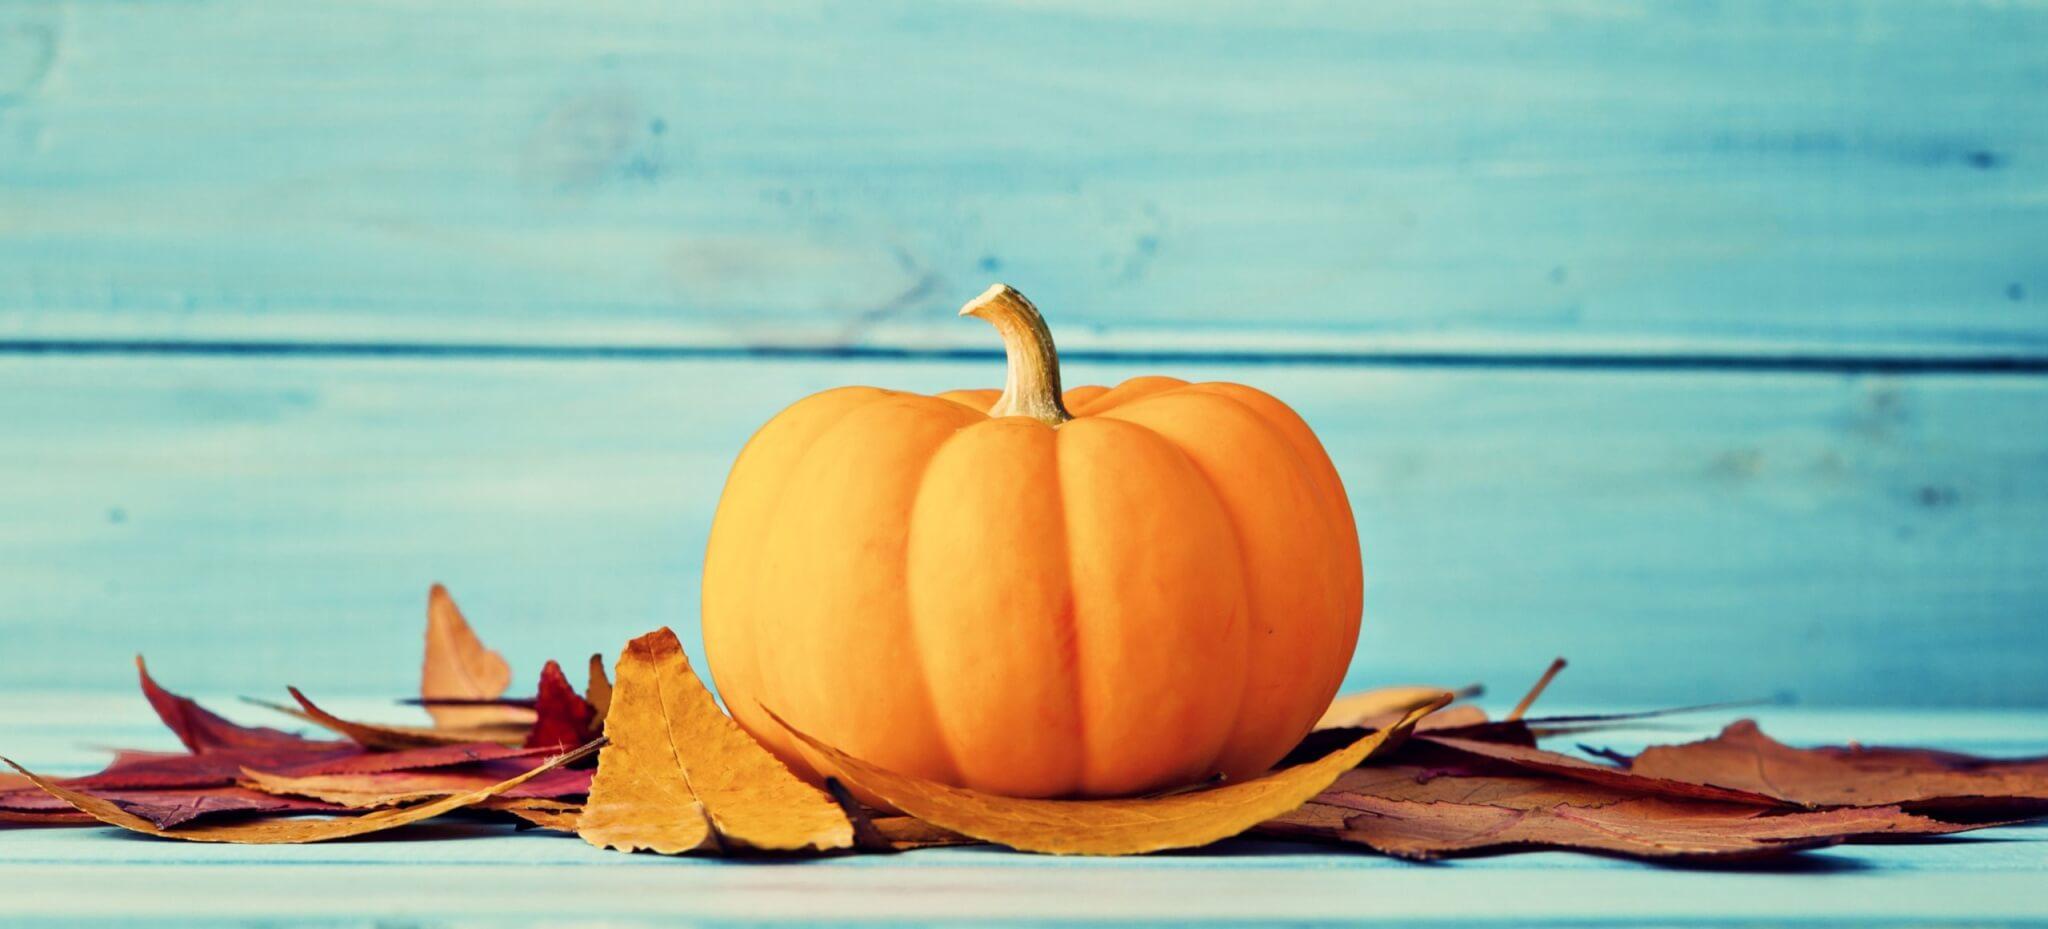 großer Zierkürbis mit Herbstblättern vor türkisfarbenem Hintergrund